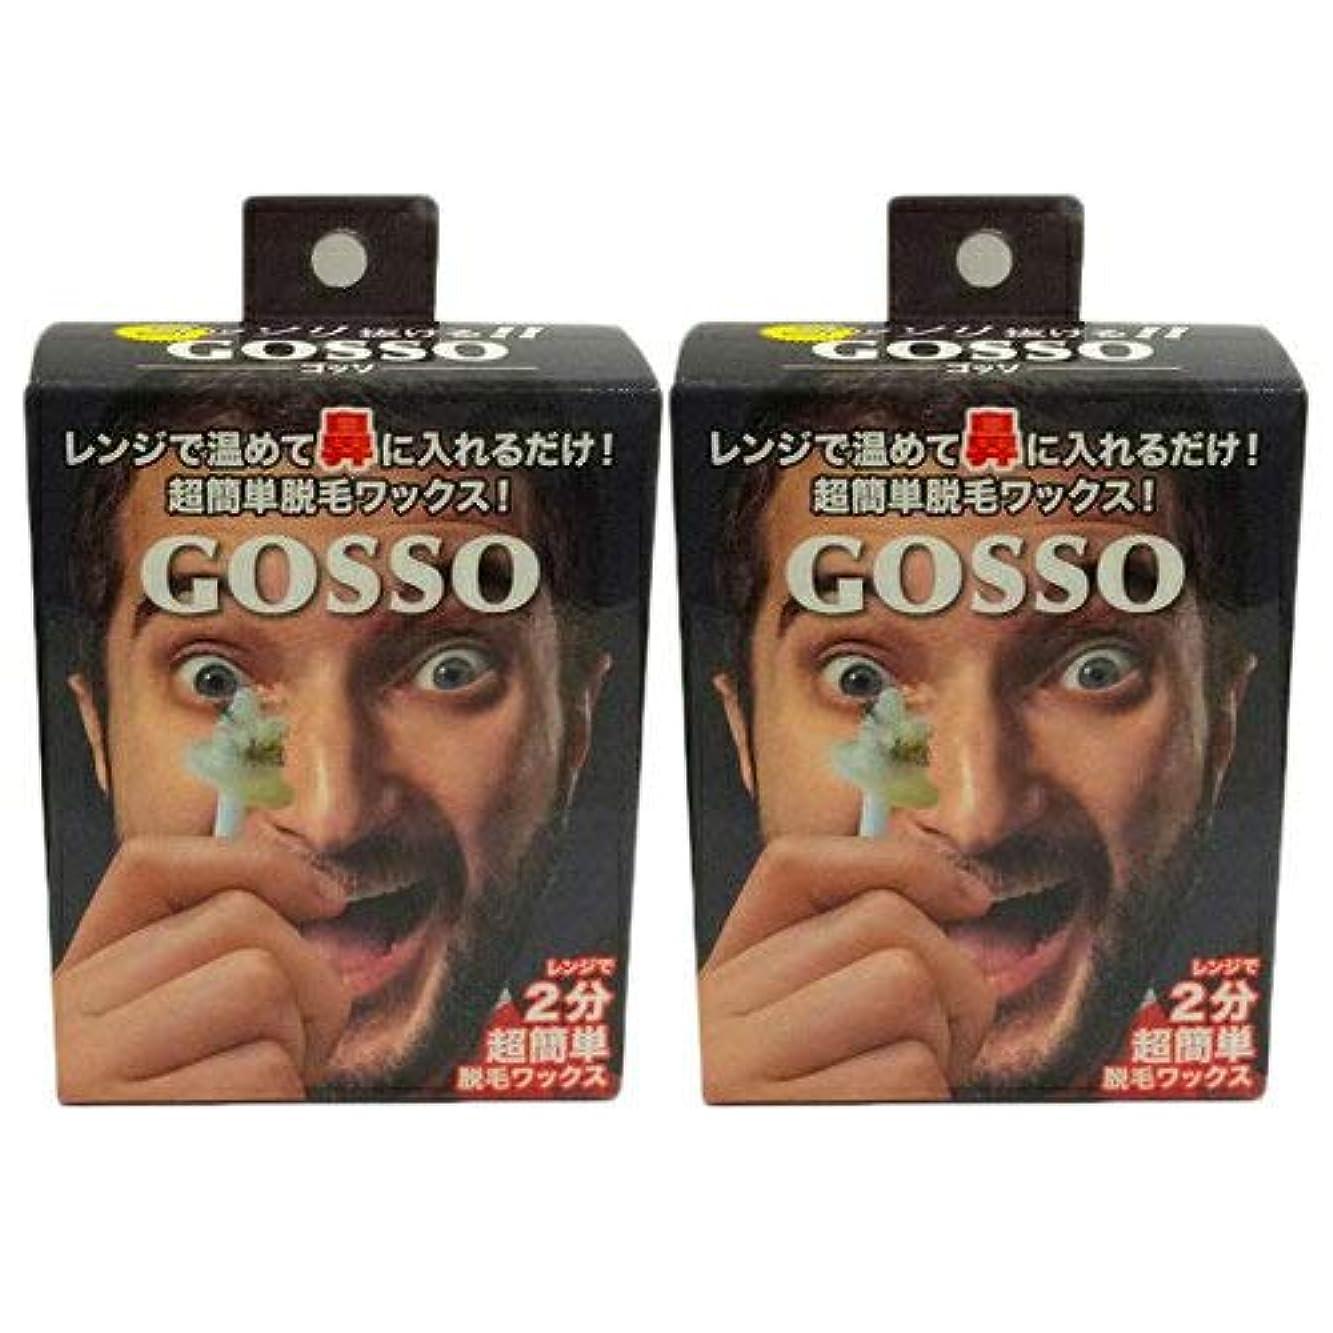 連想スペイン語テーブルGOSSO  2箱セット